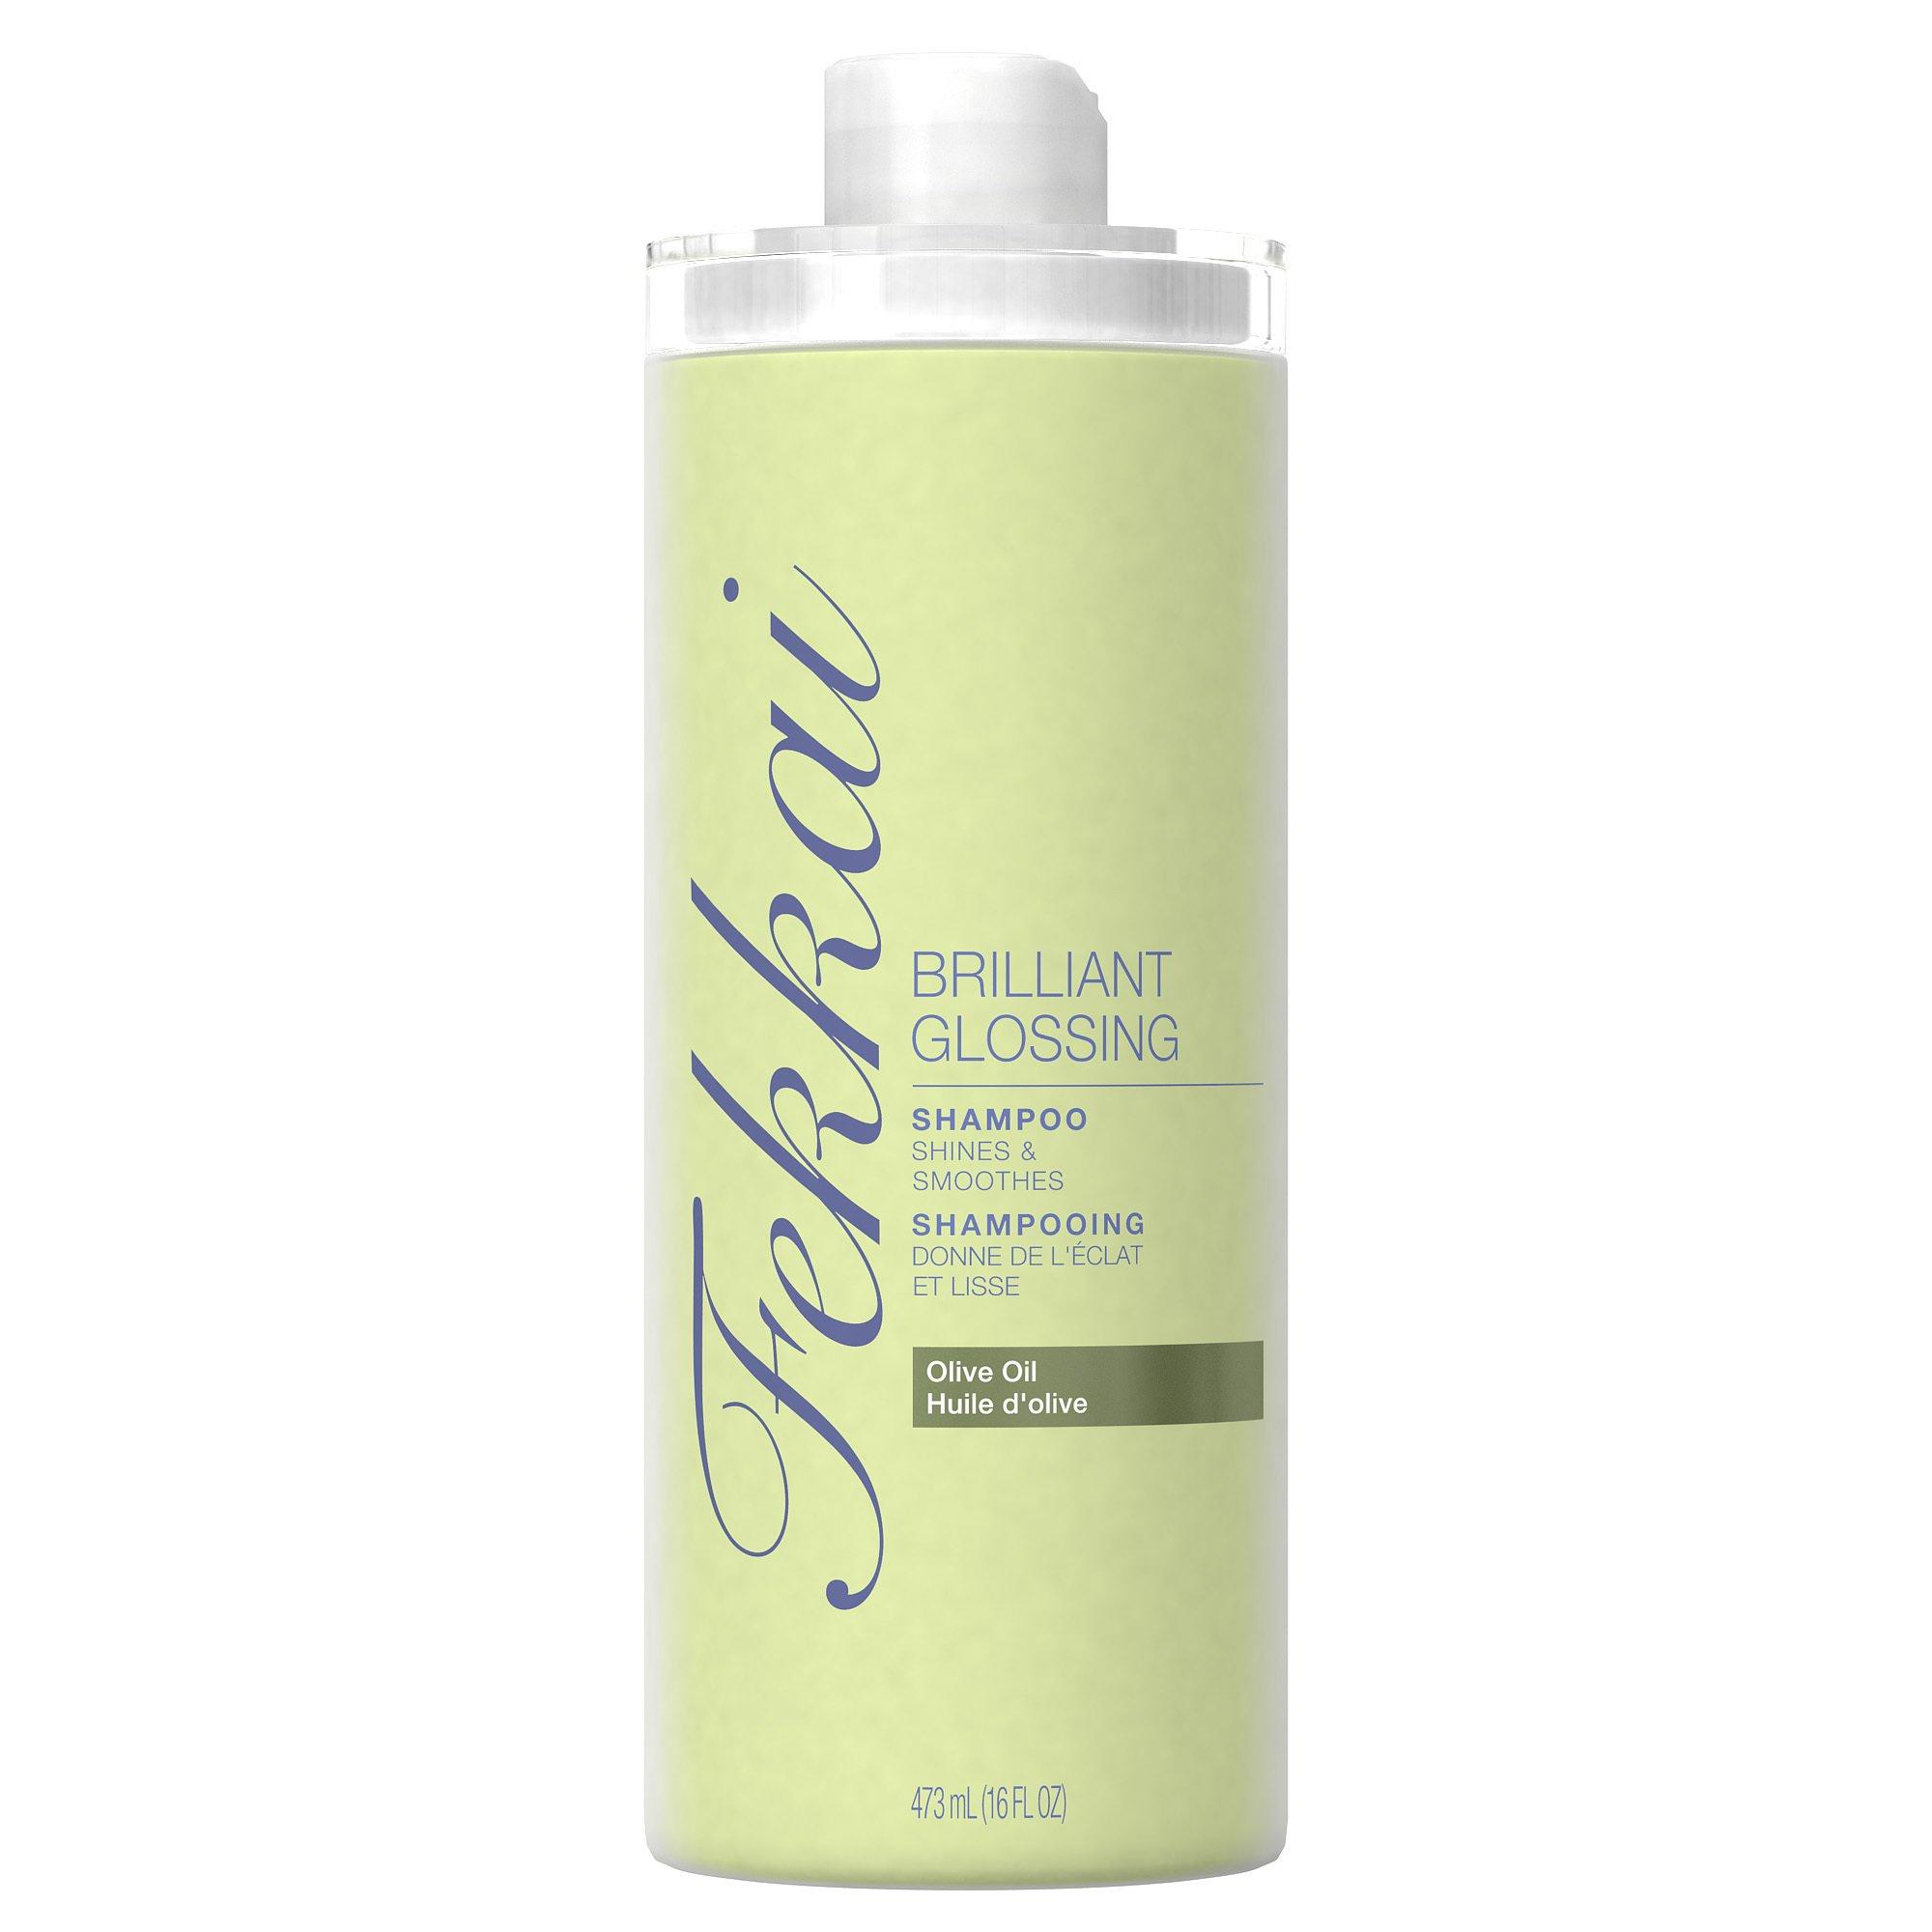 Fekkai Brilliant Glossing Shampoo, Olive oil,  16 Fluid Ounce by Fekkai